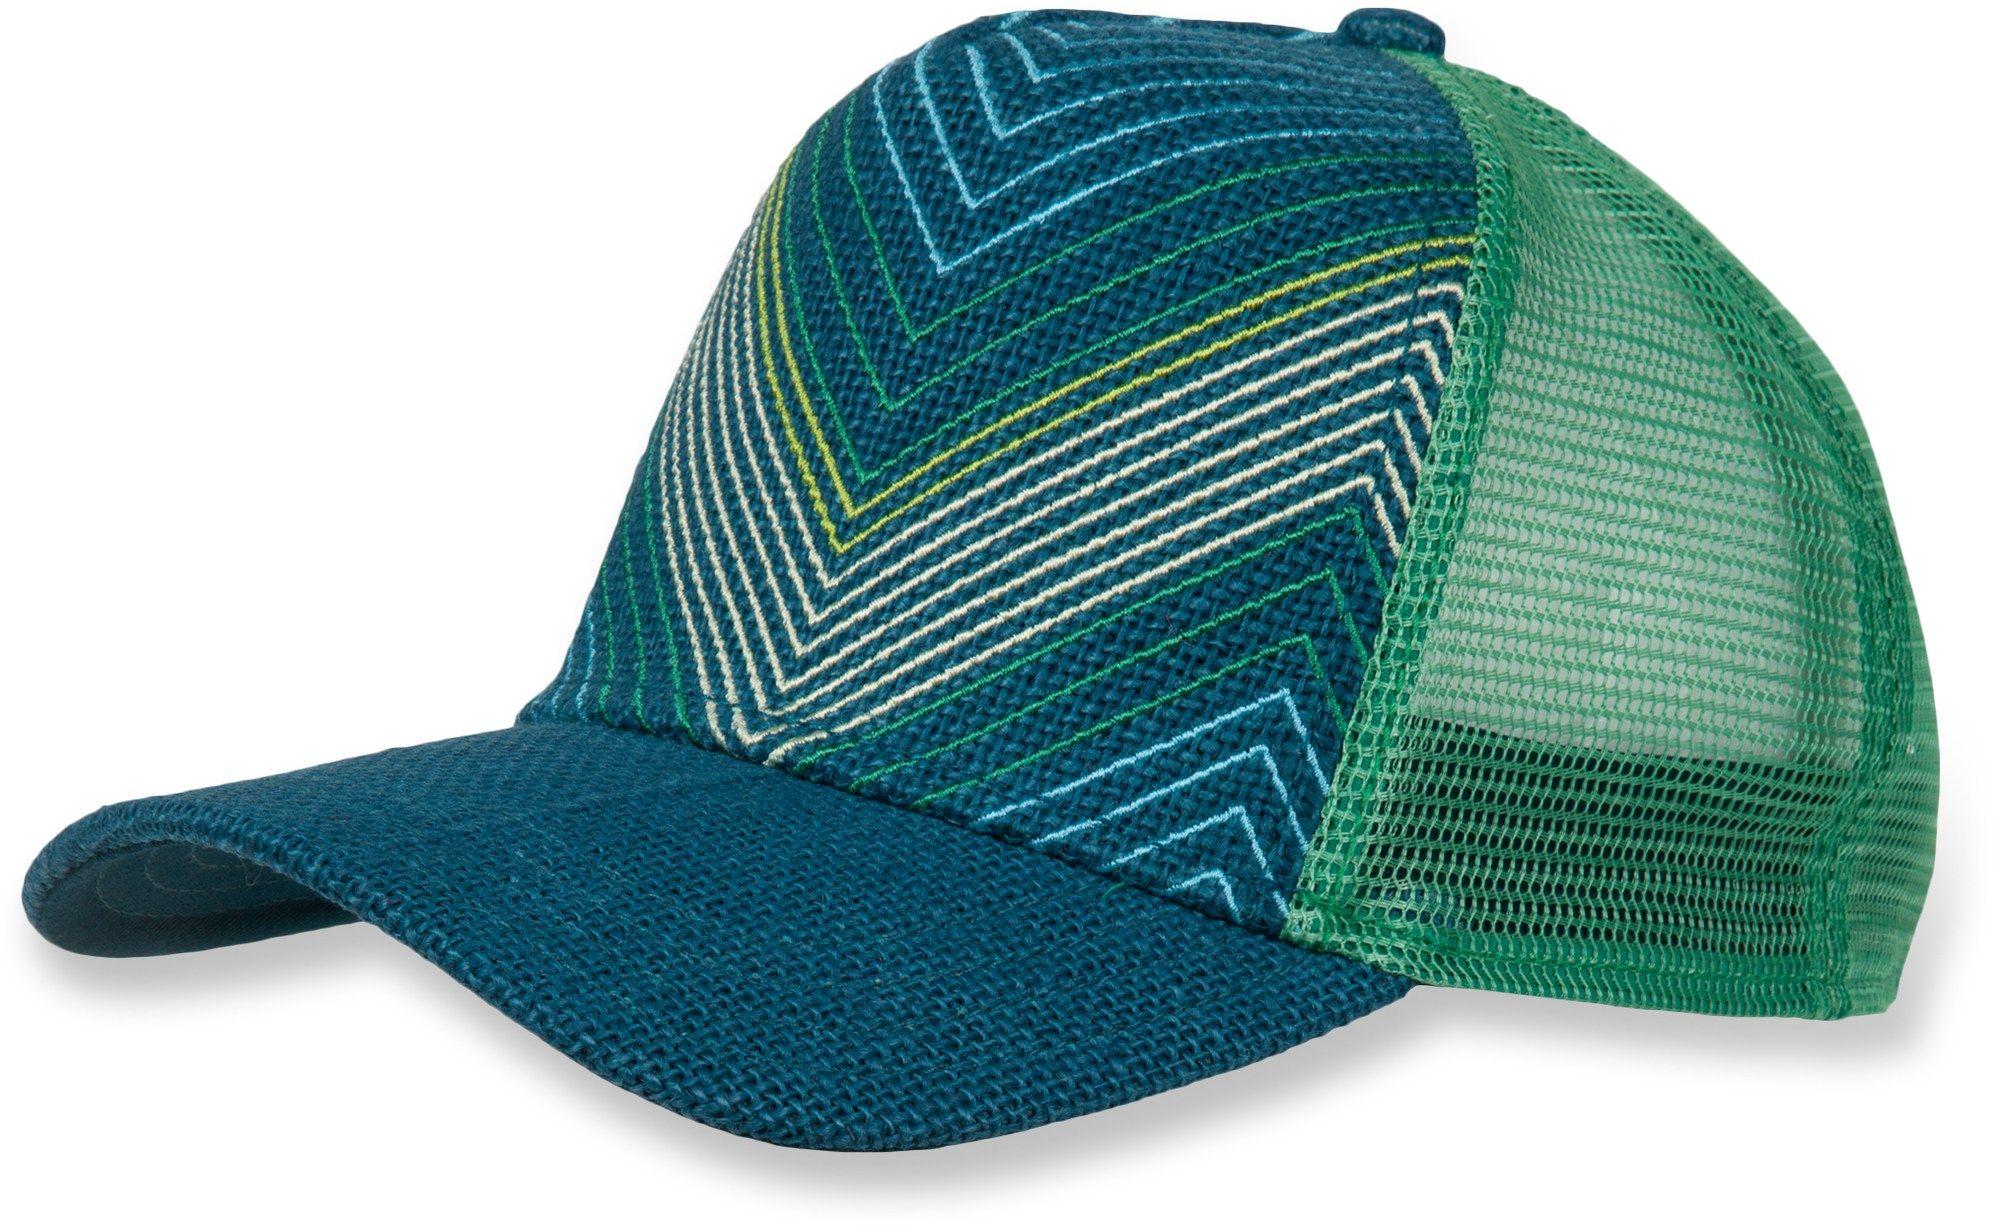 92c1ecea6a5e1 Prana Female Miss Dixie Trucker Hat - Women s